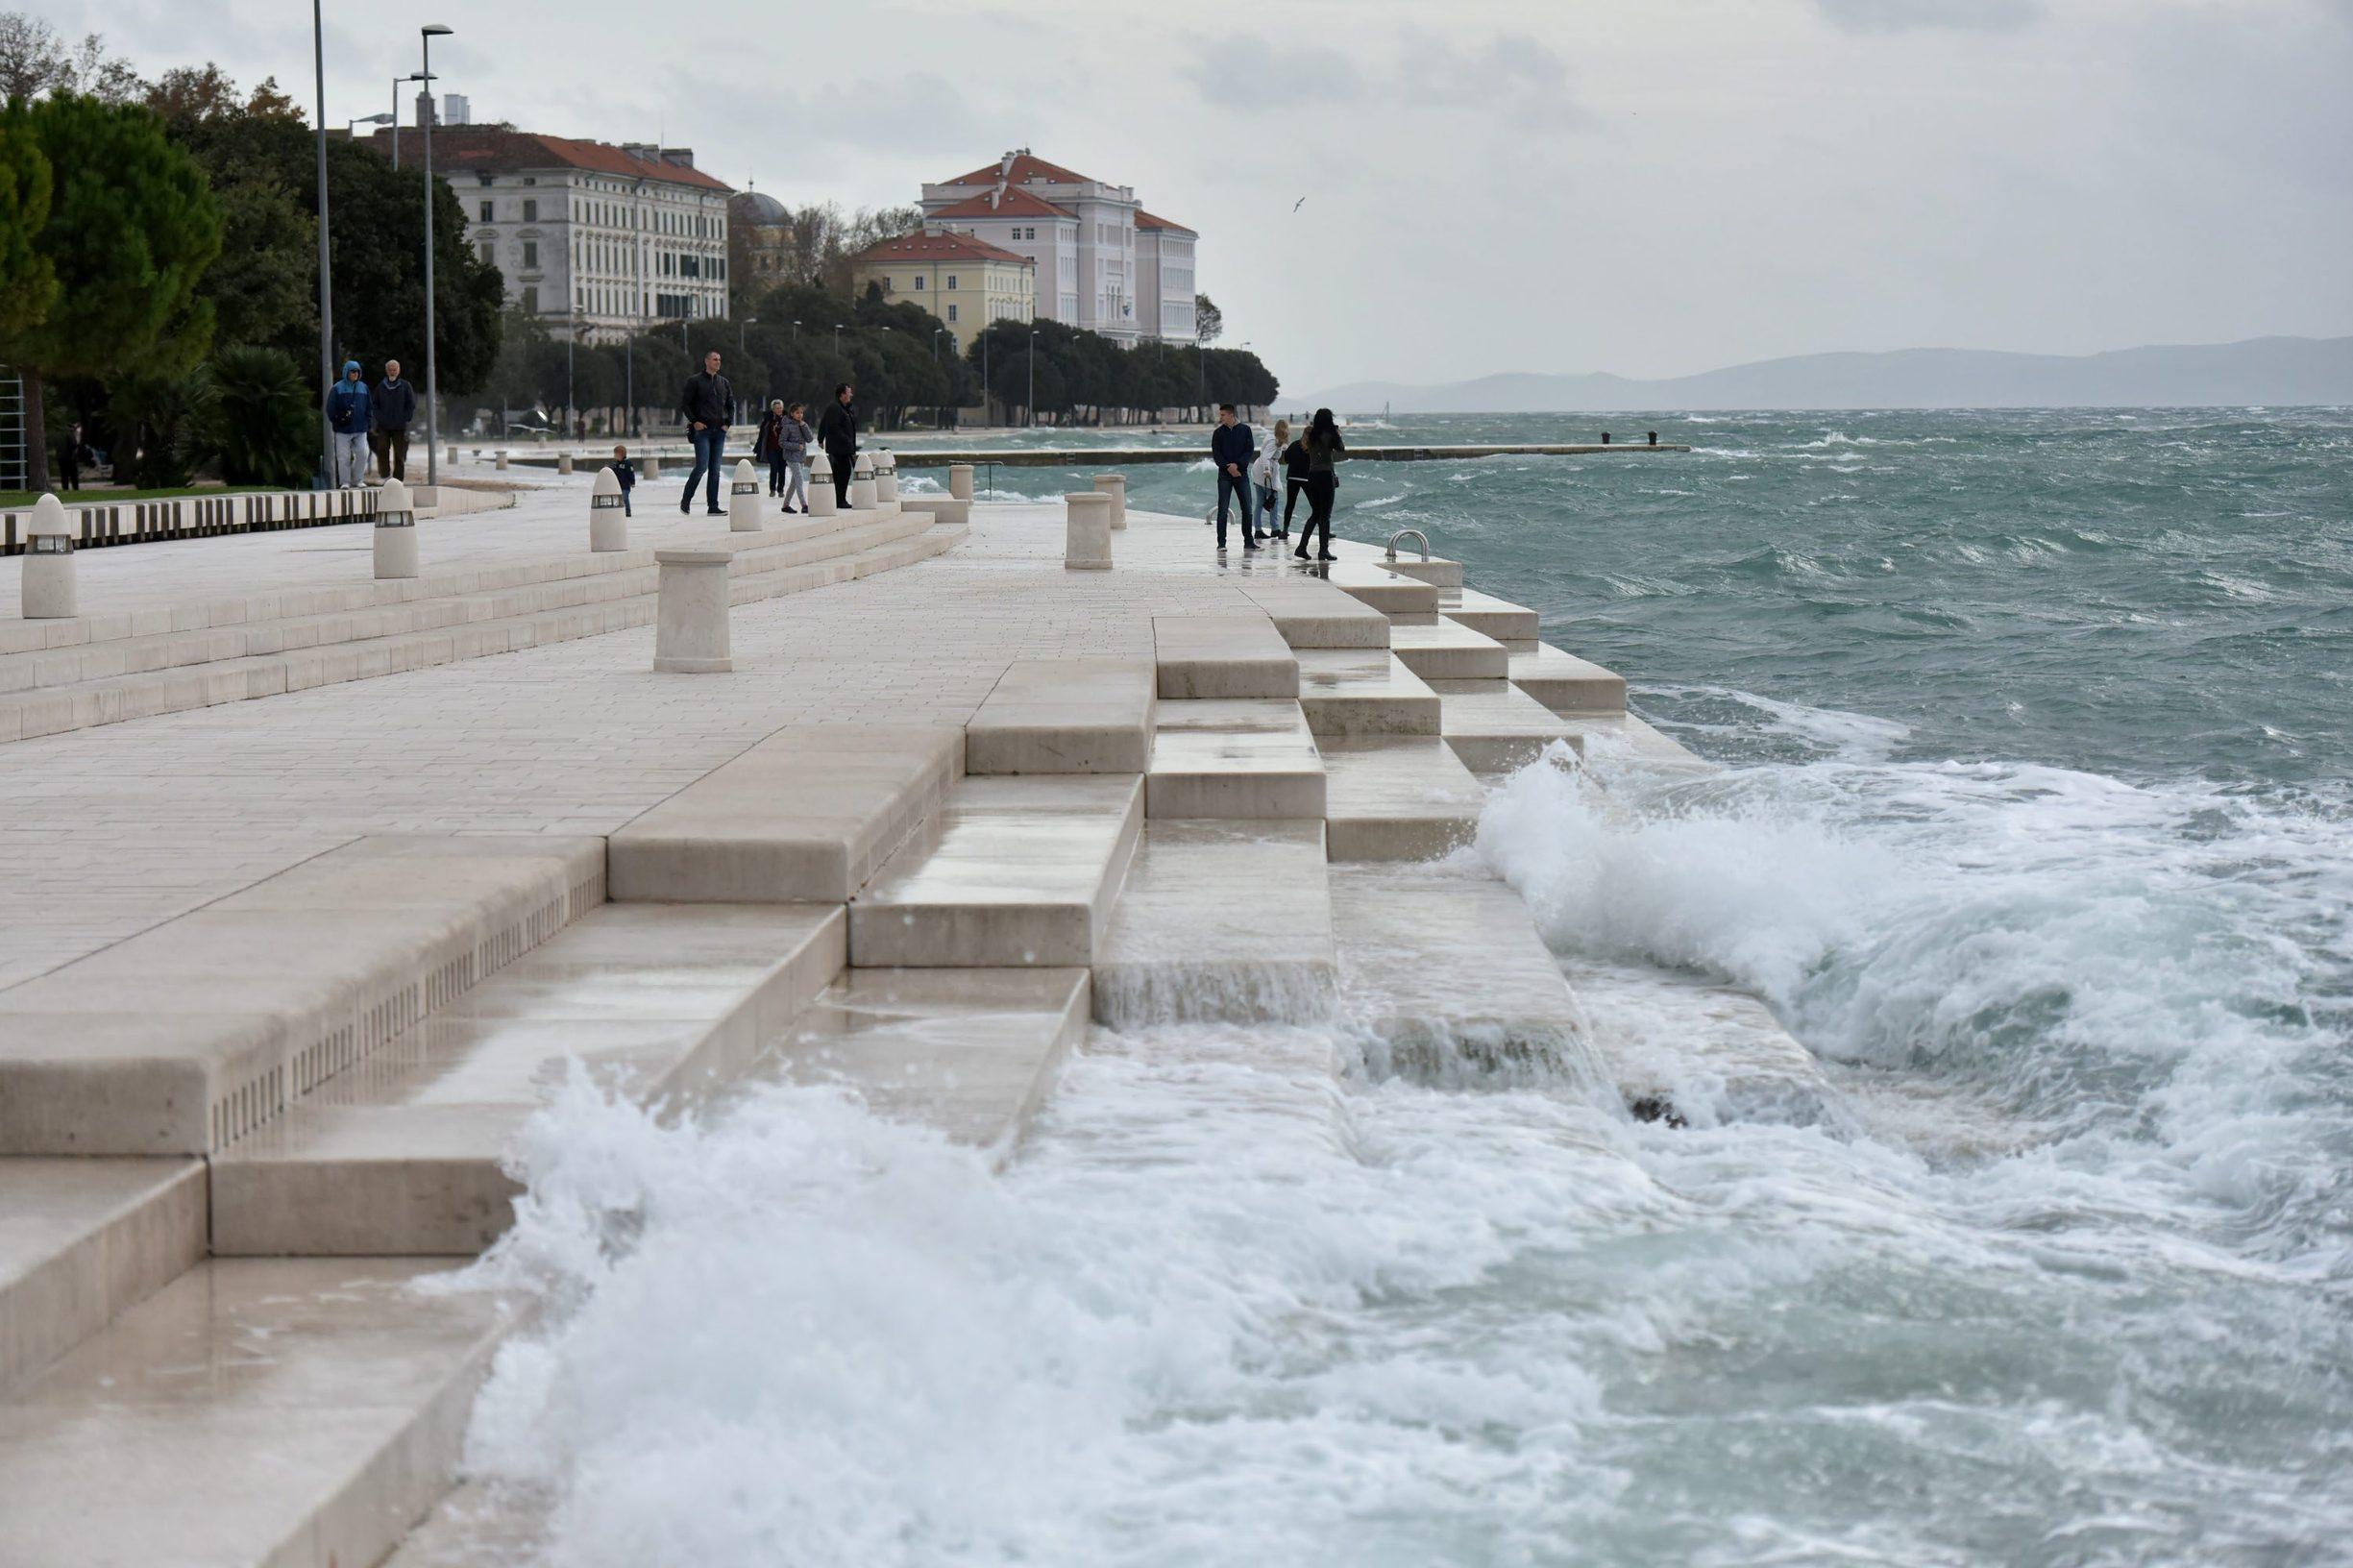 Zadar, 171119 Jako jugo koje vec danima puse na zadarskom podrucju stvara probleme u pomorskom prometu, a brojne katamaranske i trajektne linije su u prekidu. Foto: Luka Gerlanc / CROPIX